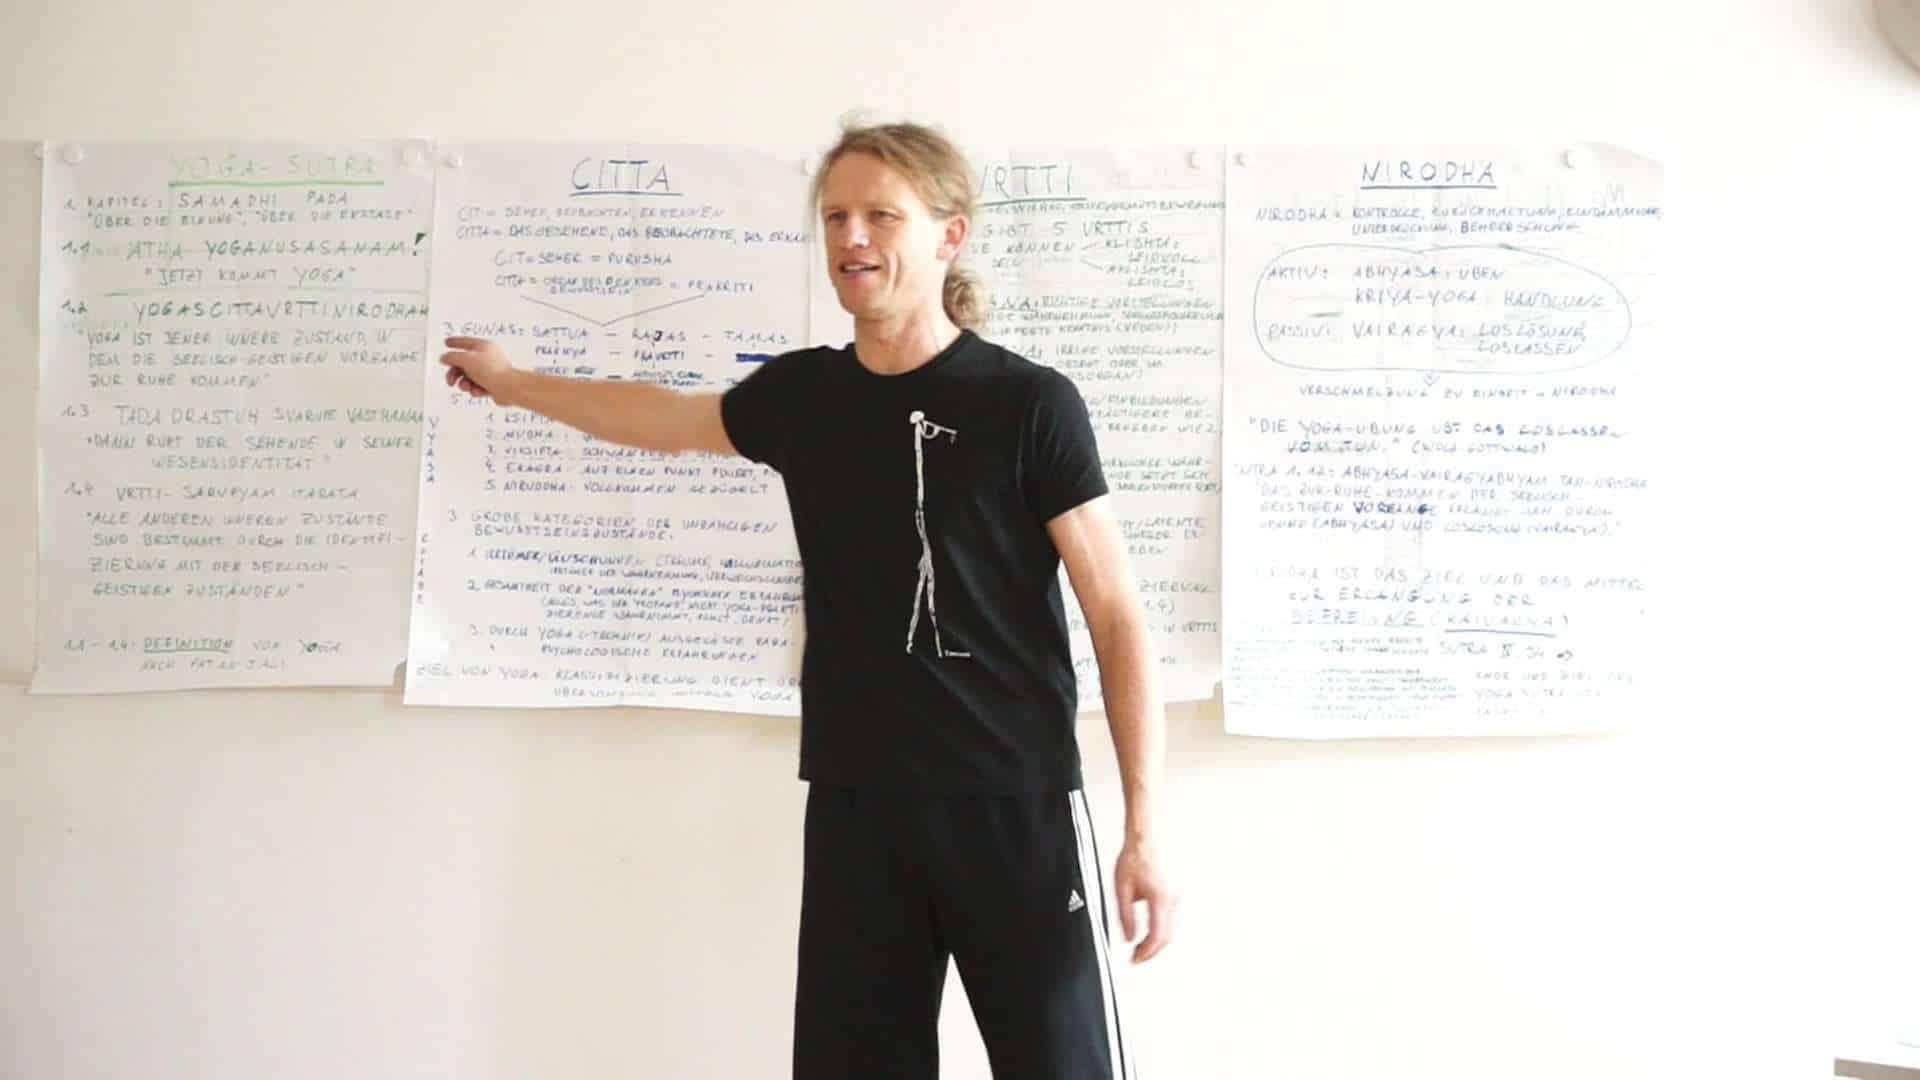 Vortrag von Josch Krause